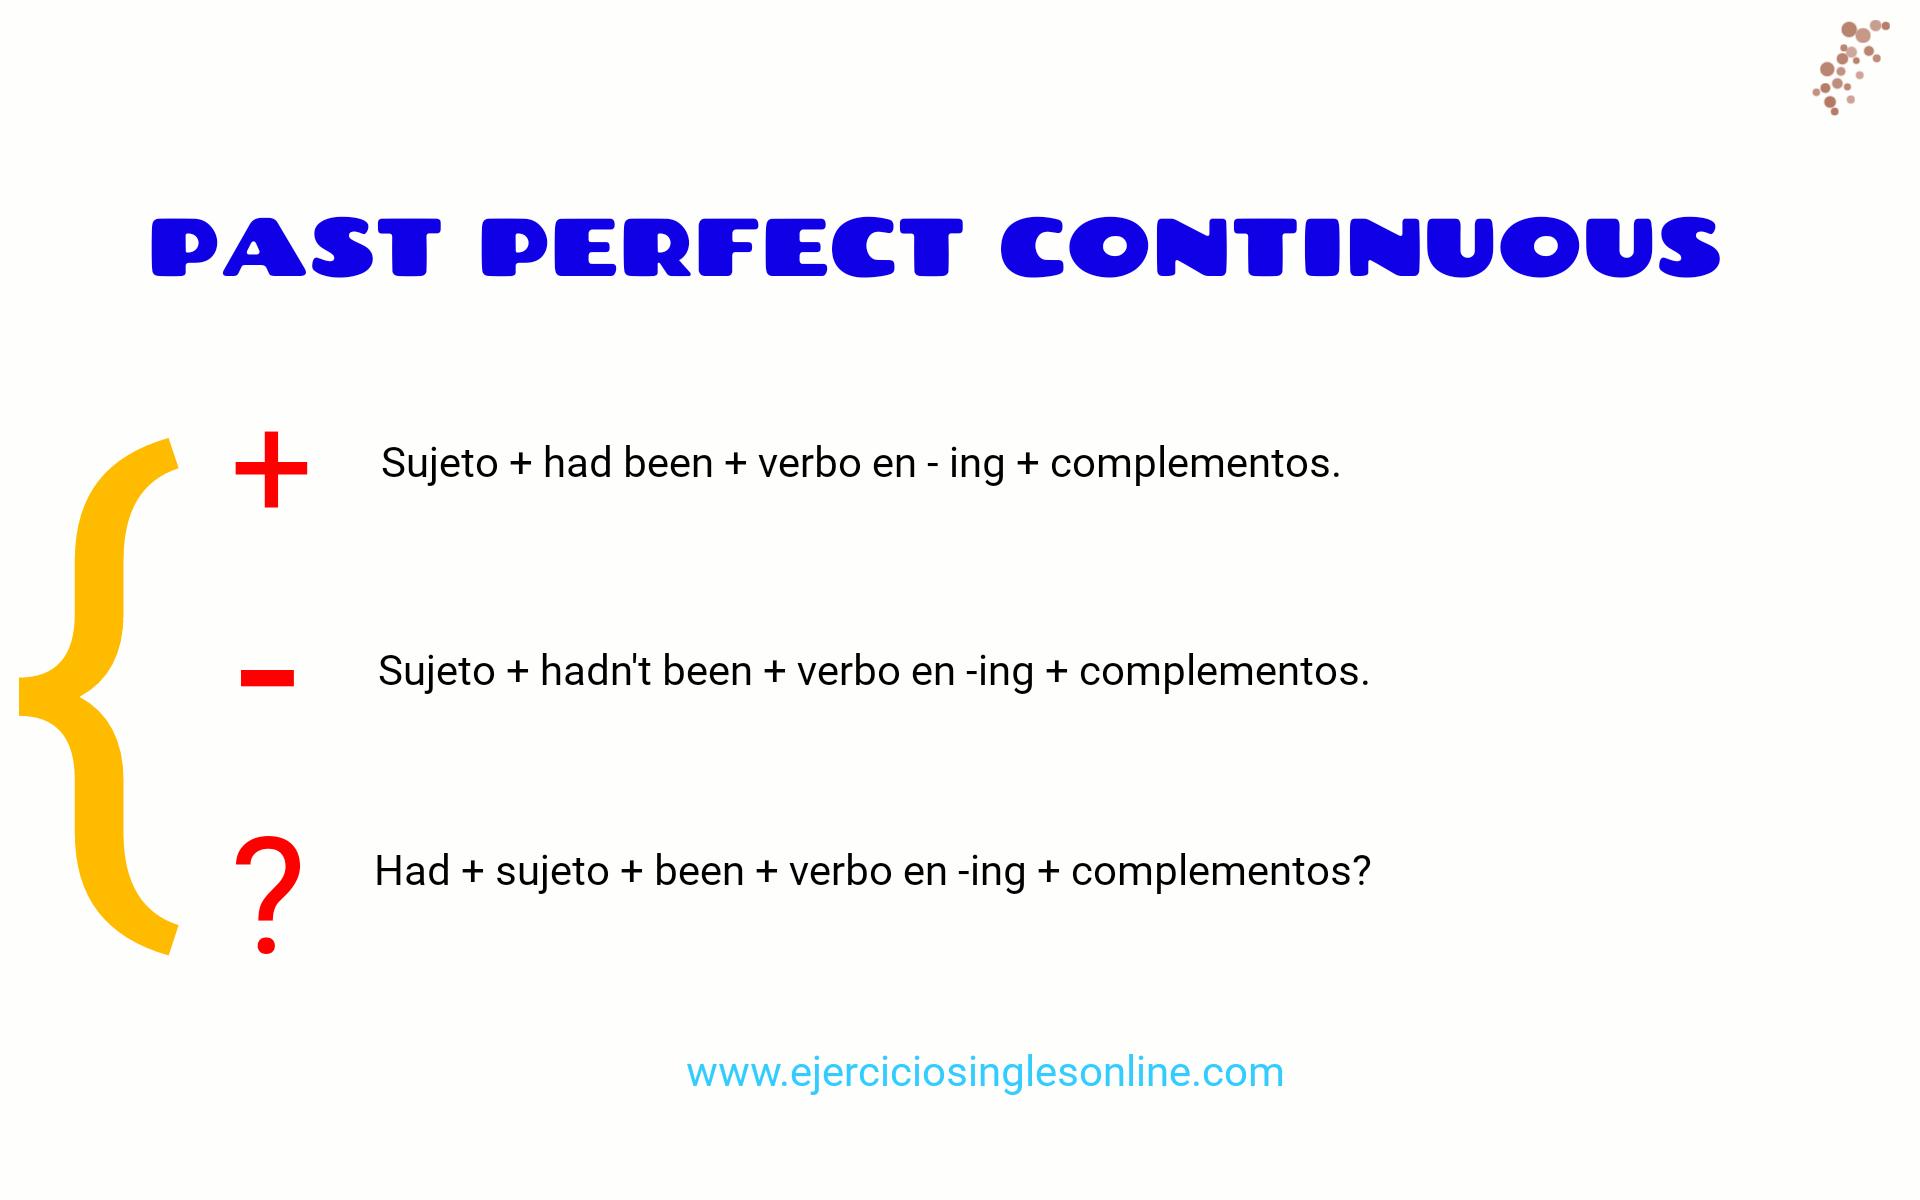 Ejercicio 5 - Pasado perfecto continuo